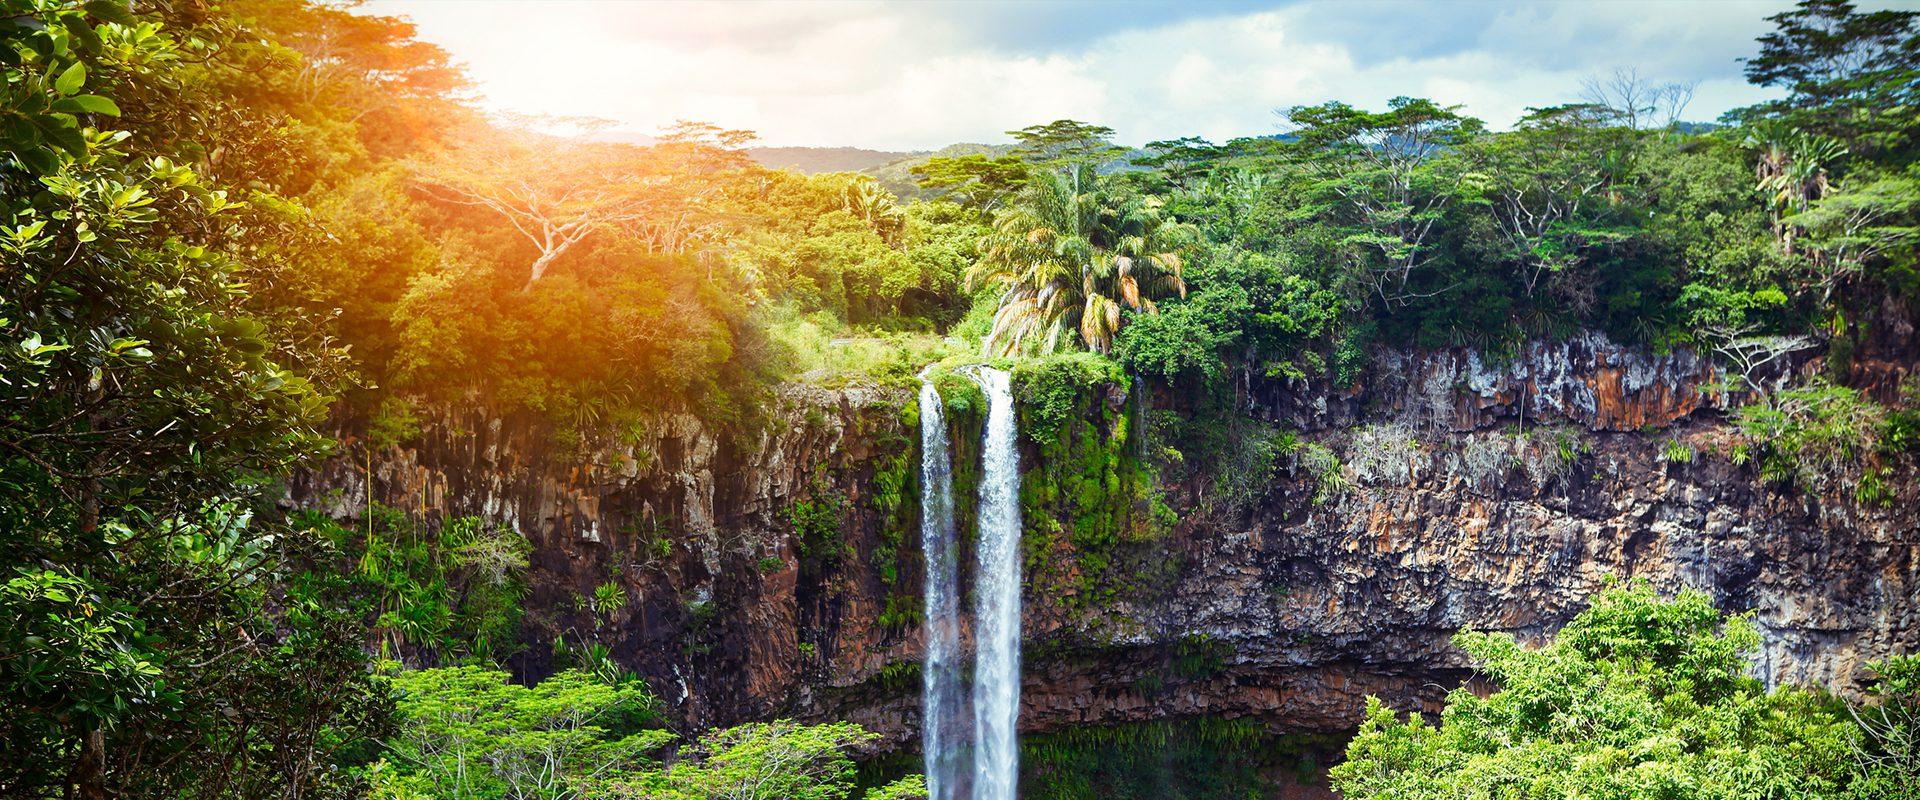 Postal desde Mauricio: soñando con un paraíso salpicado de colores